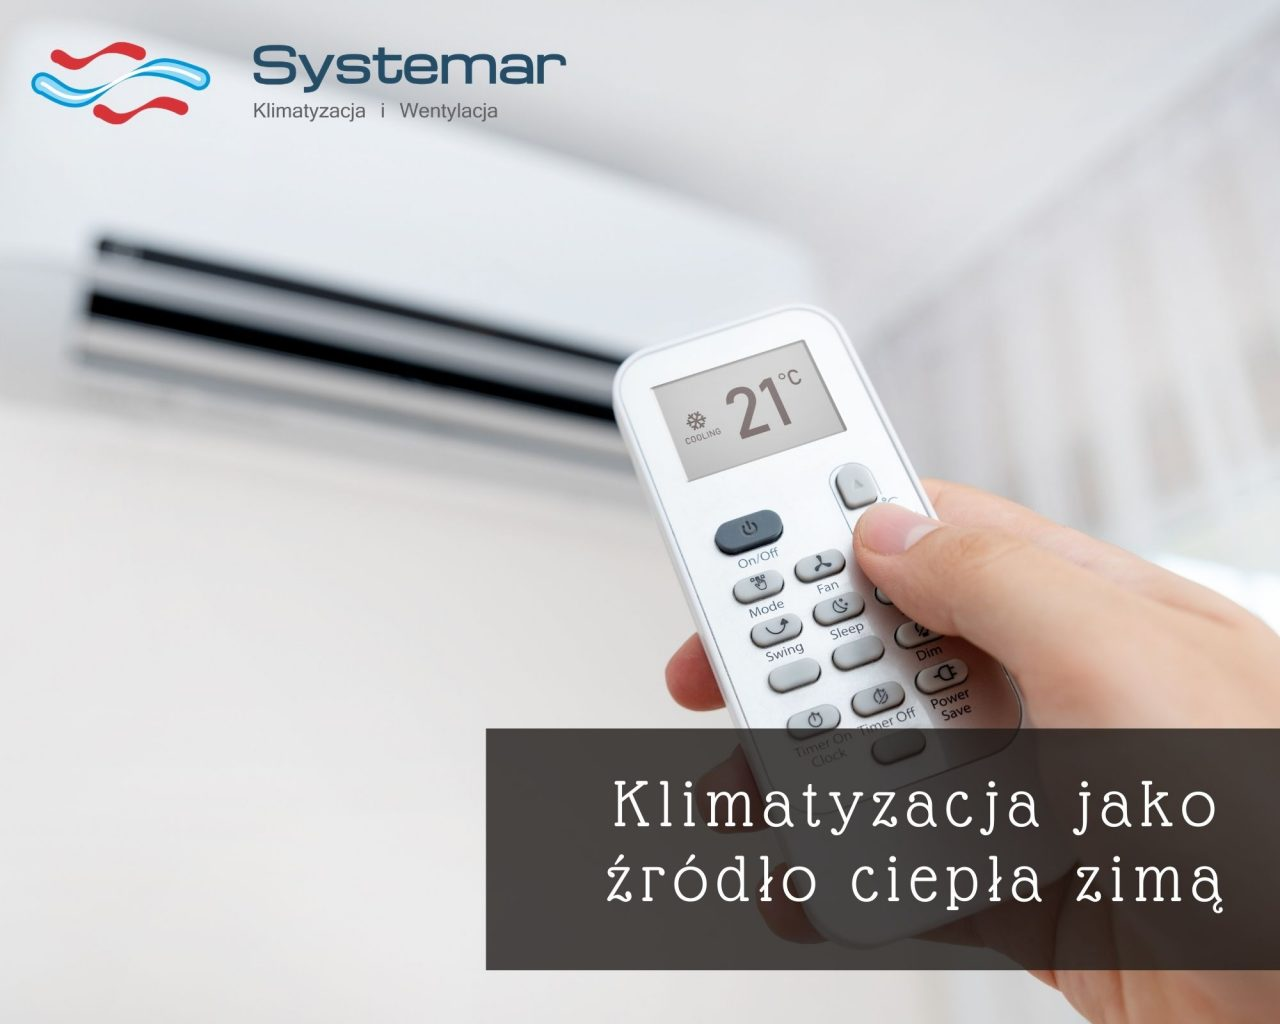 https://systemar.pl/wp-content/uploads/2020/12/klimayzacja-jako-zrodlo-ciepla-zima-1280x1024.jpg